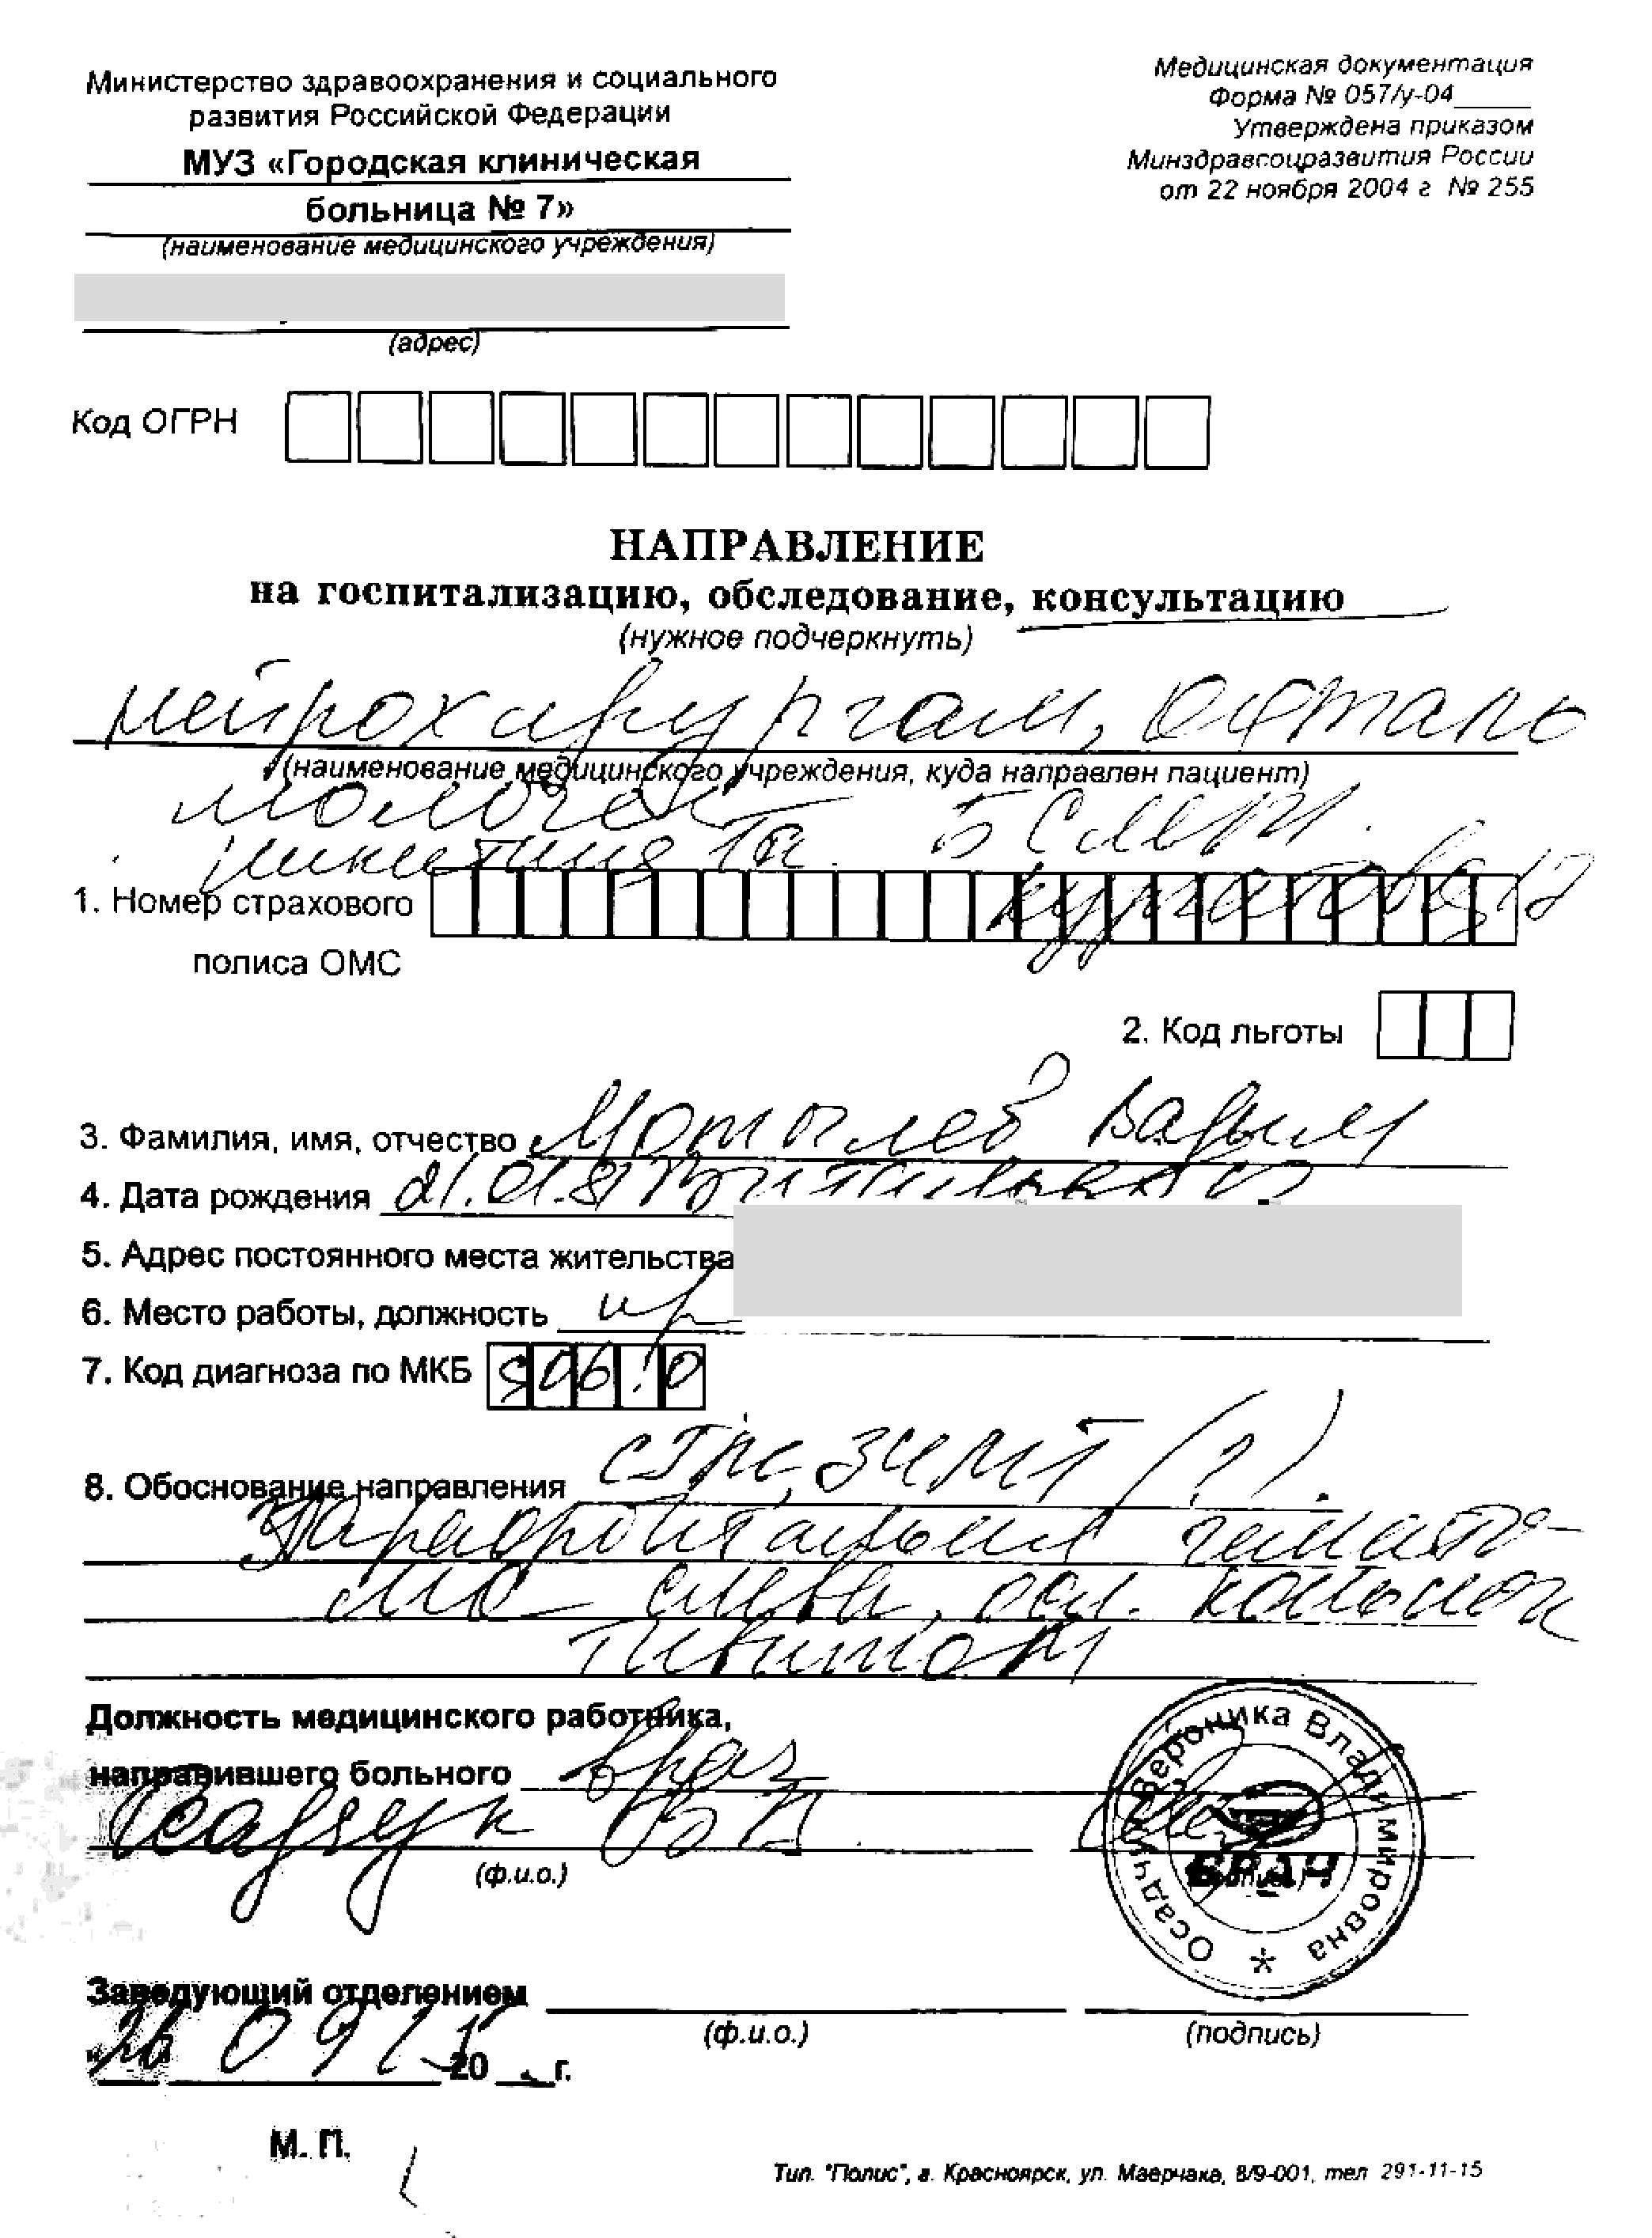 Медицинская справка 057 у образец донецк медицинская справка для вождения